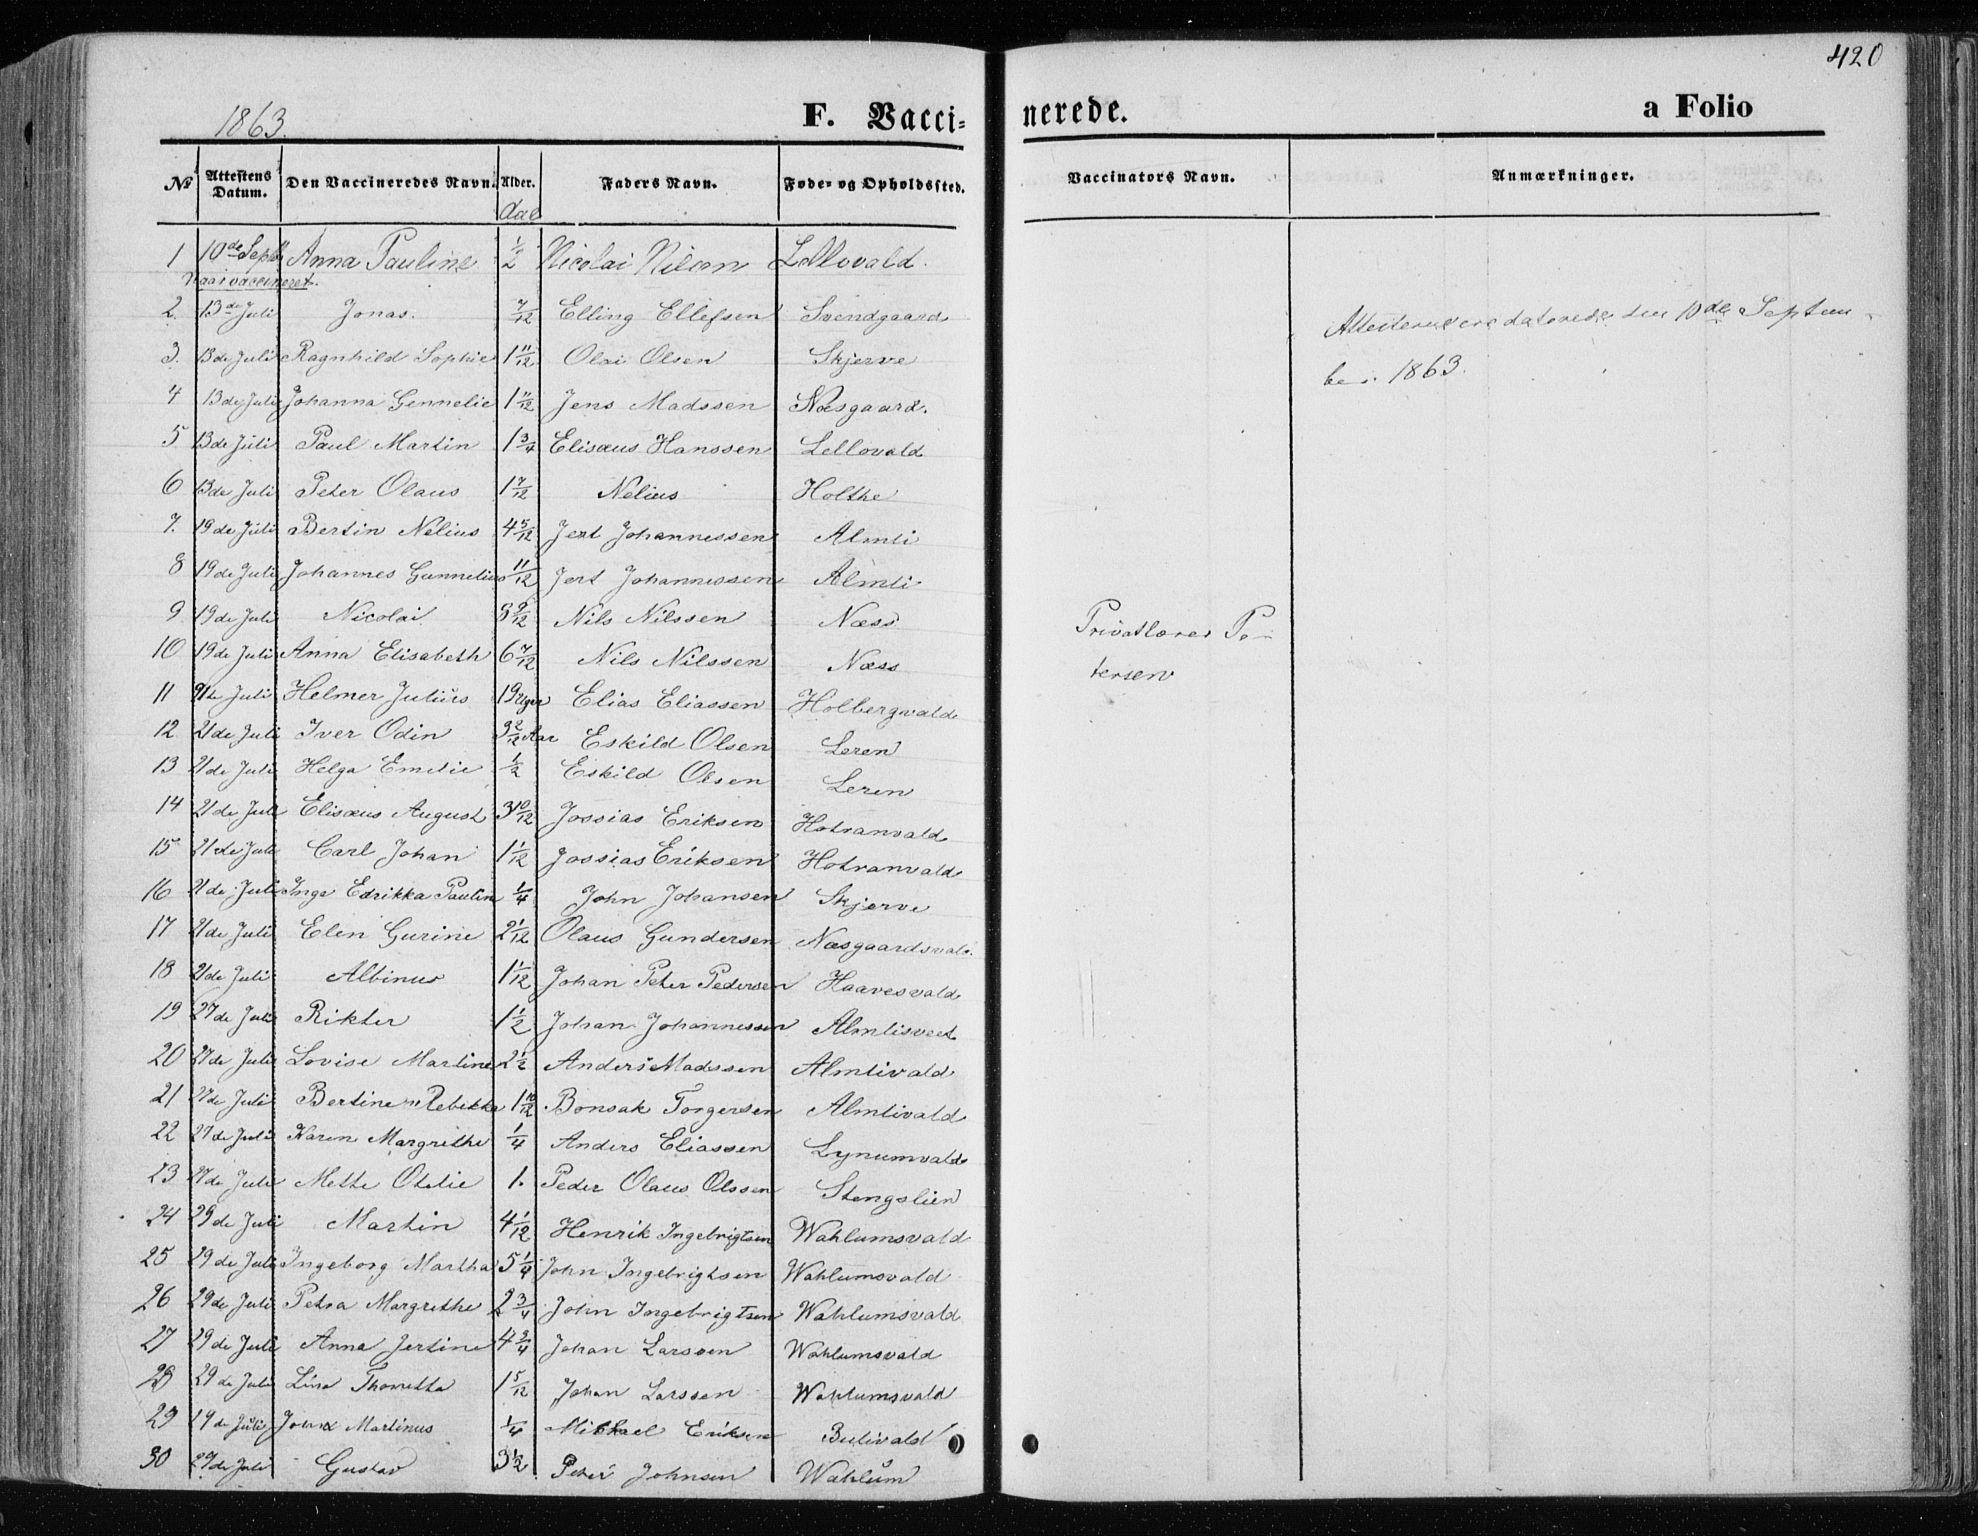 SAT, Ministerialprotokoller, klokkerbøker og fødselsregistre - Nord-Trøndelag, 717/L0157: Ministerialbok nr. 717A08 /1, 1863-1877, s. 420